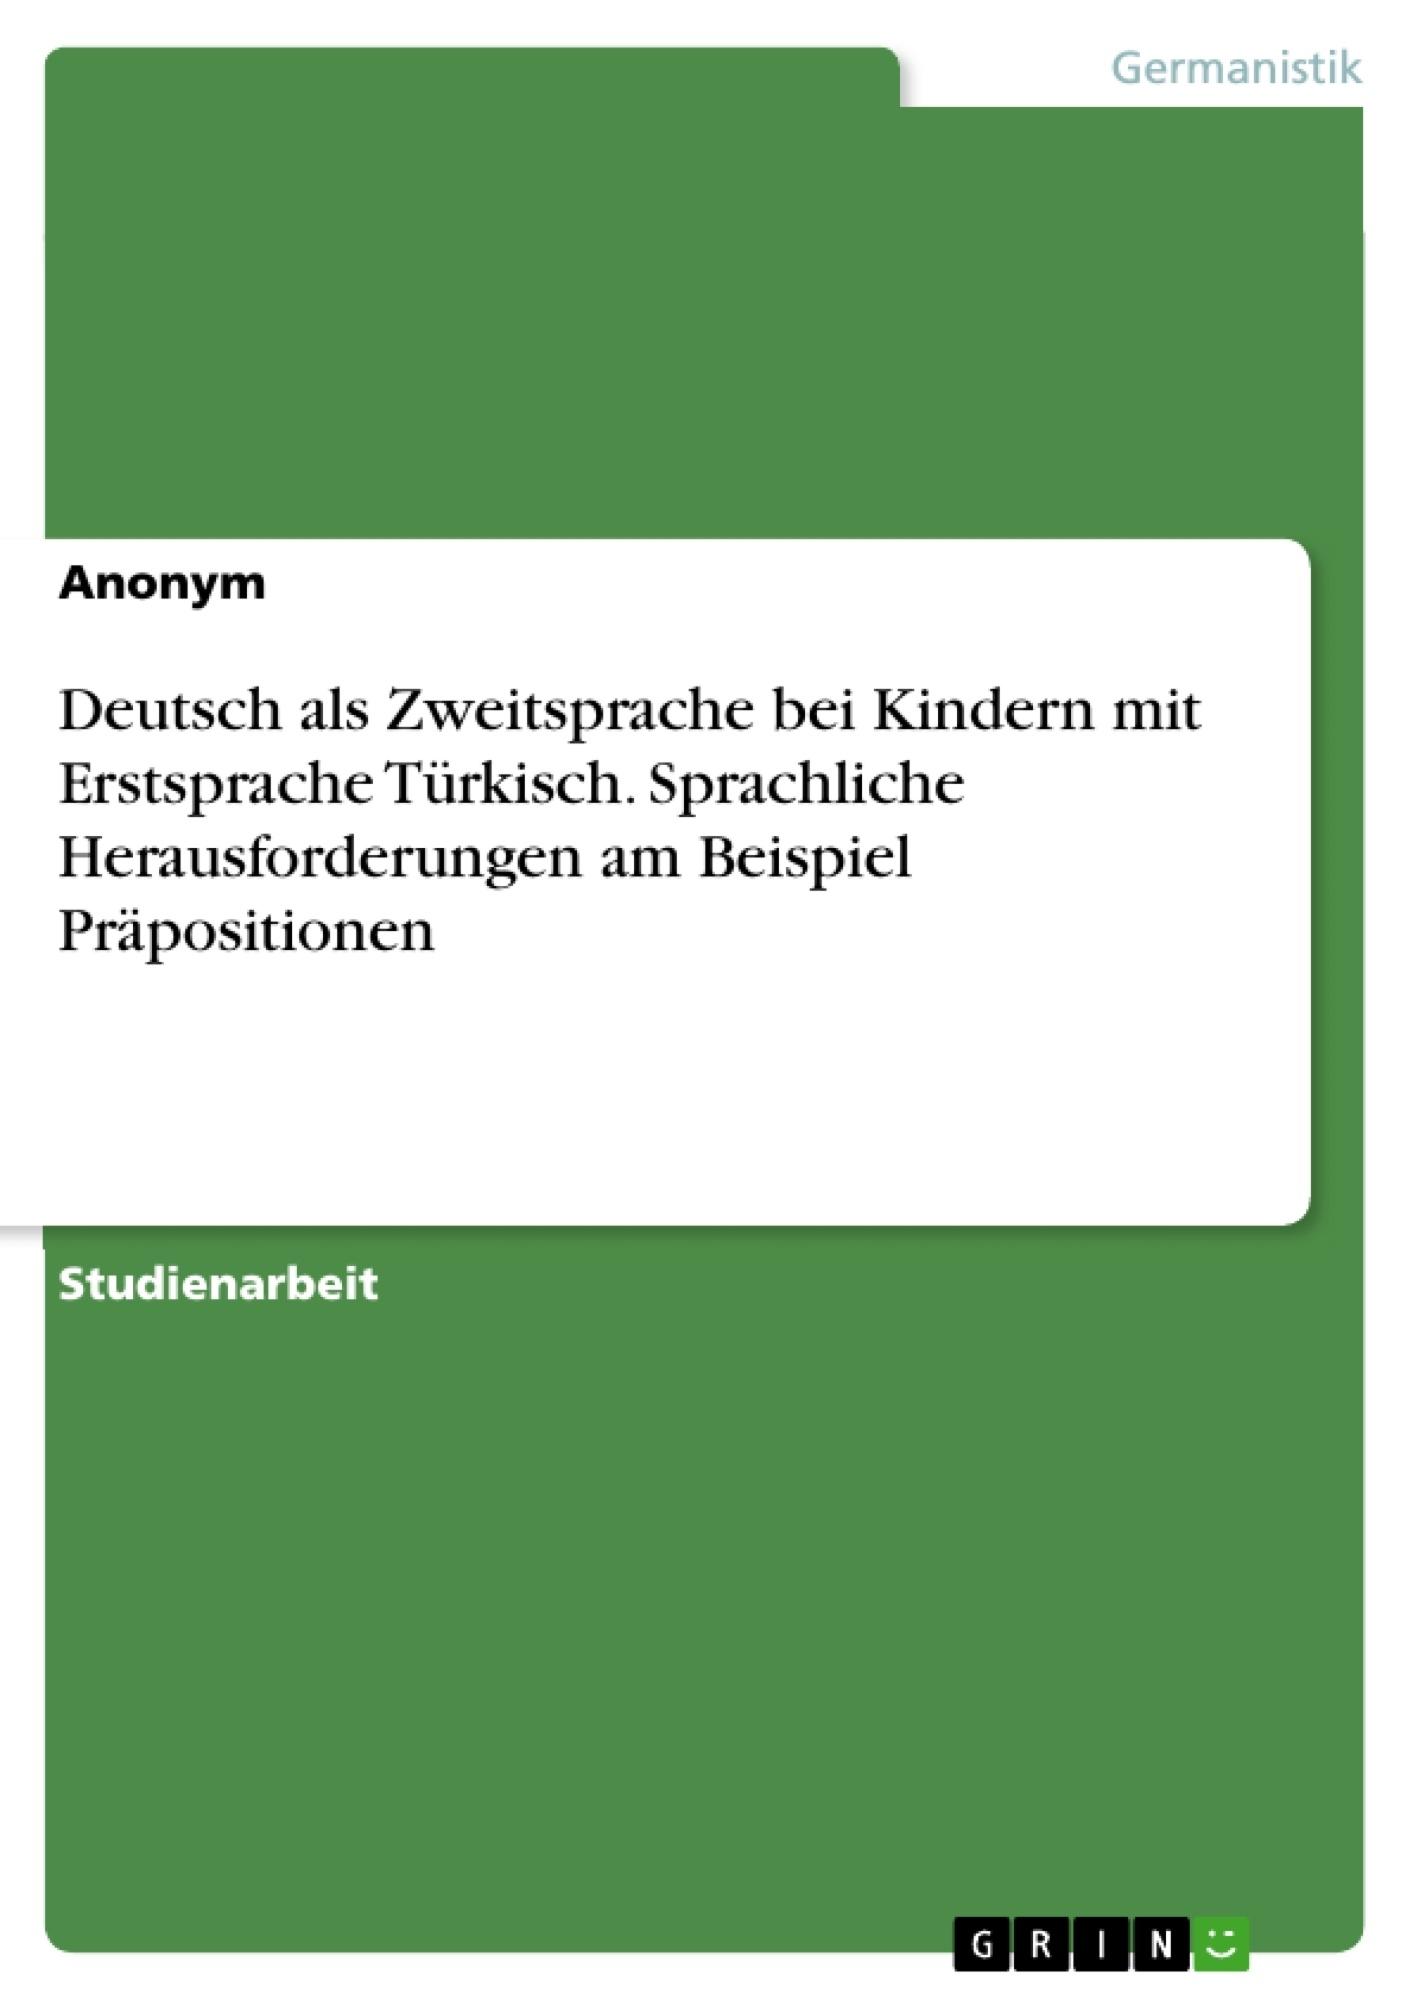 Titel: Deutsch als Zweitsprache bei Kindern mit Erstsprache Türkisch. Sprachliche Herausforderungen am Beispiel Präpositionen